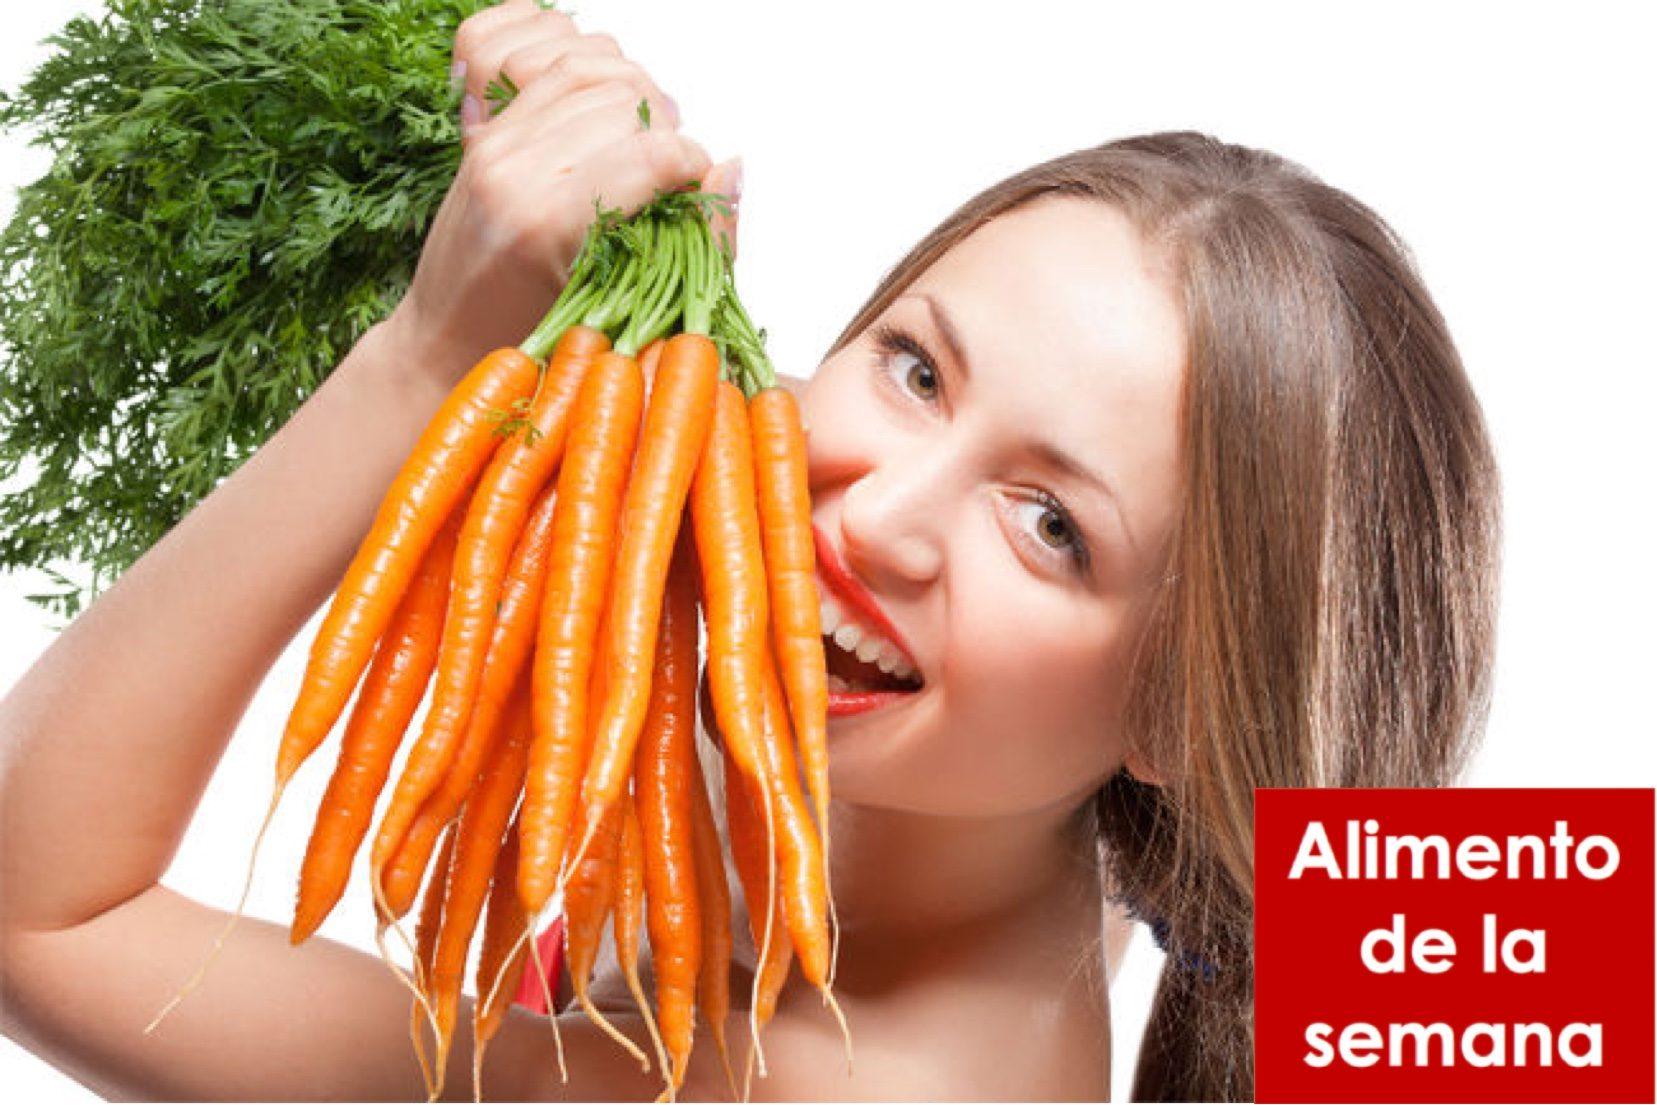 Alimento de la semana (La zanahoria)